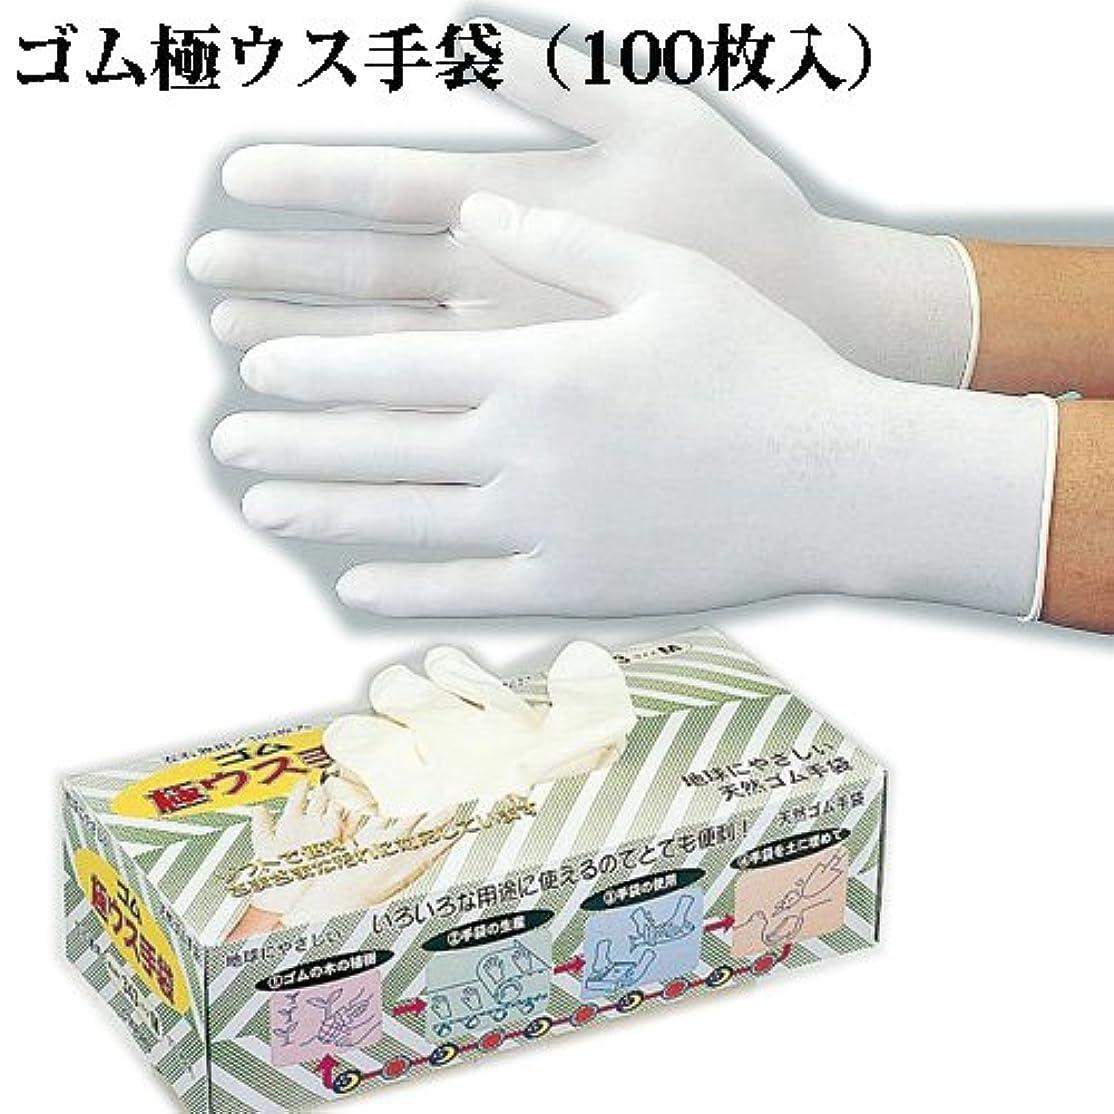 カバーソファーリアル【おたふく手袋】ゴム極ウス手袋 100枚入れ No343 Lサイズ